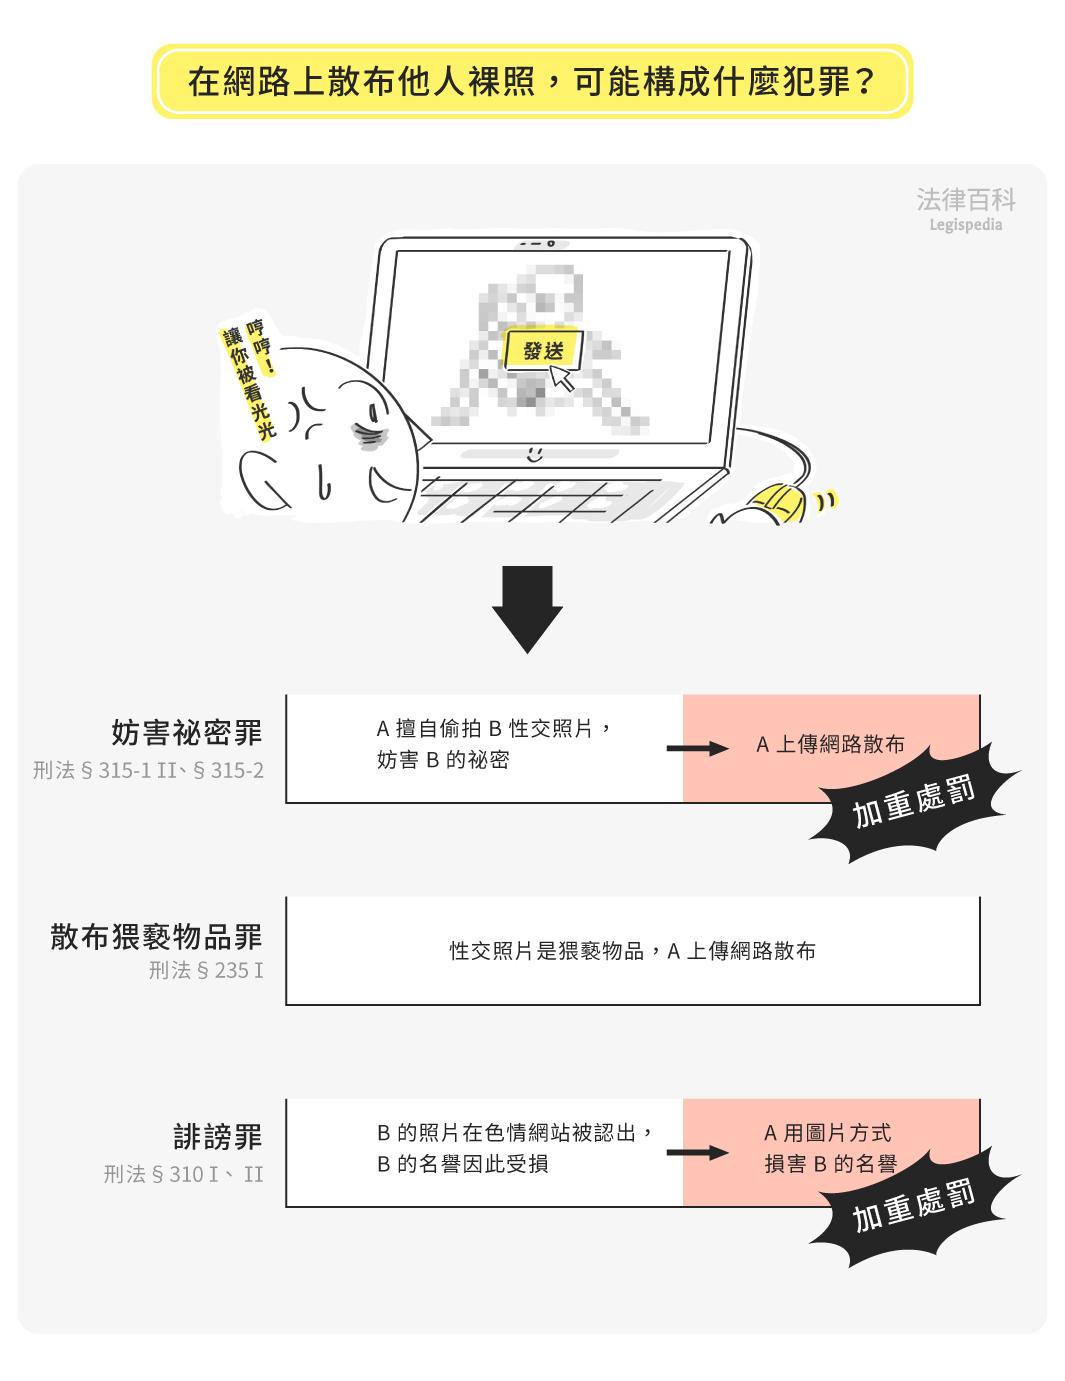 圖1 在網路上散布他人裸照,可能構成什麼犯罪?  資料來源:李昕 / 繪圖:Yen